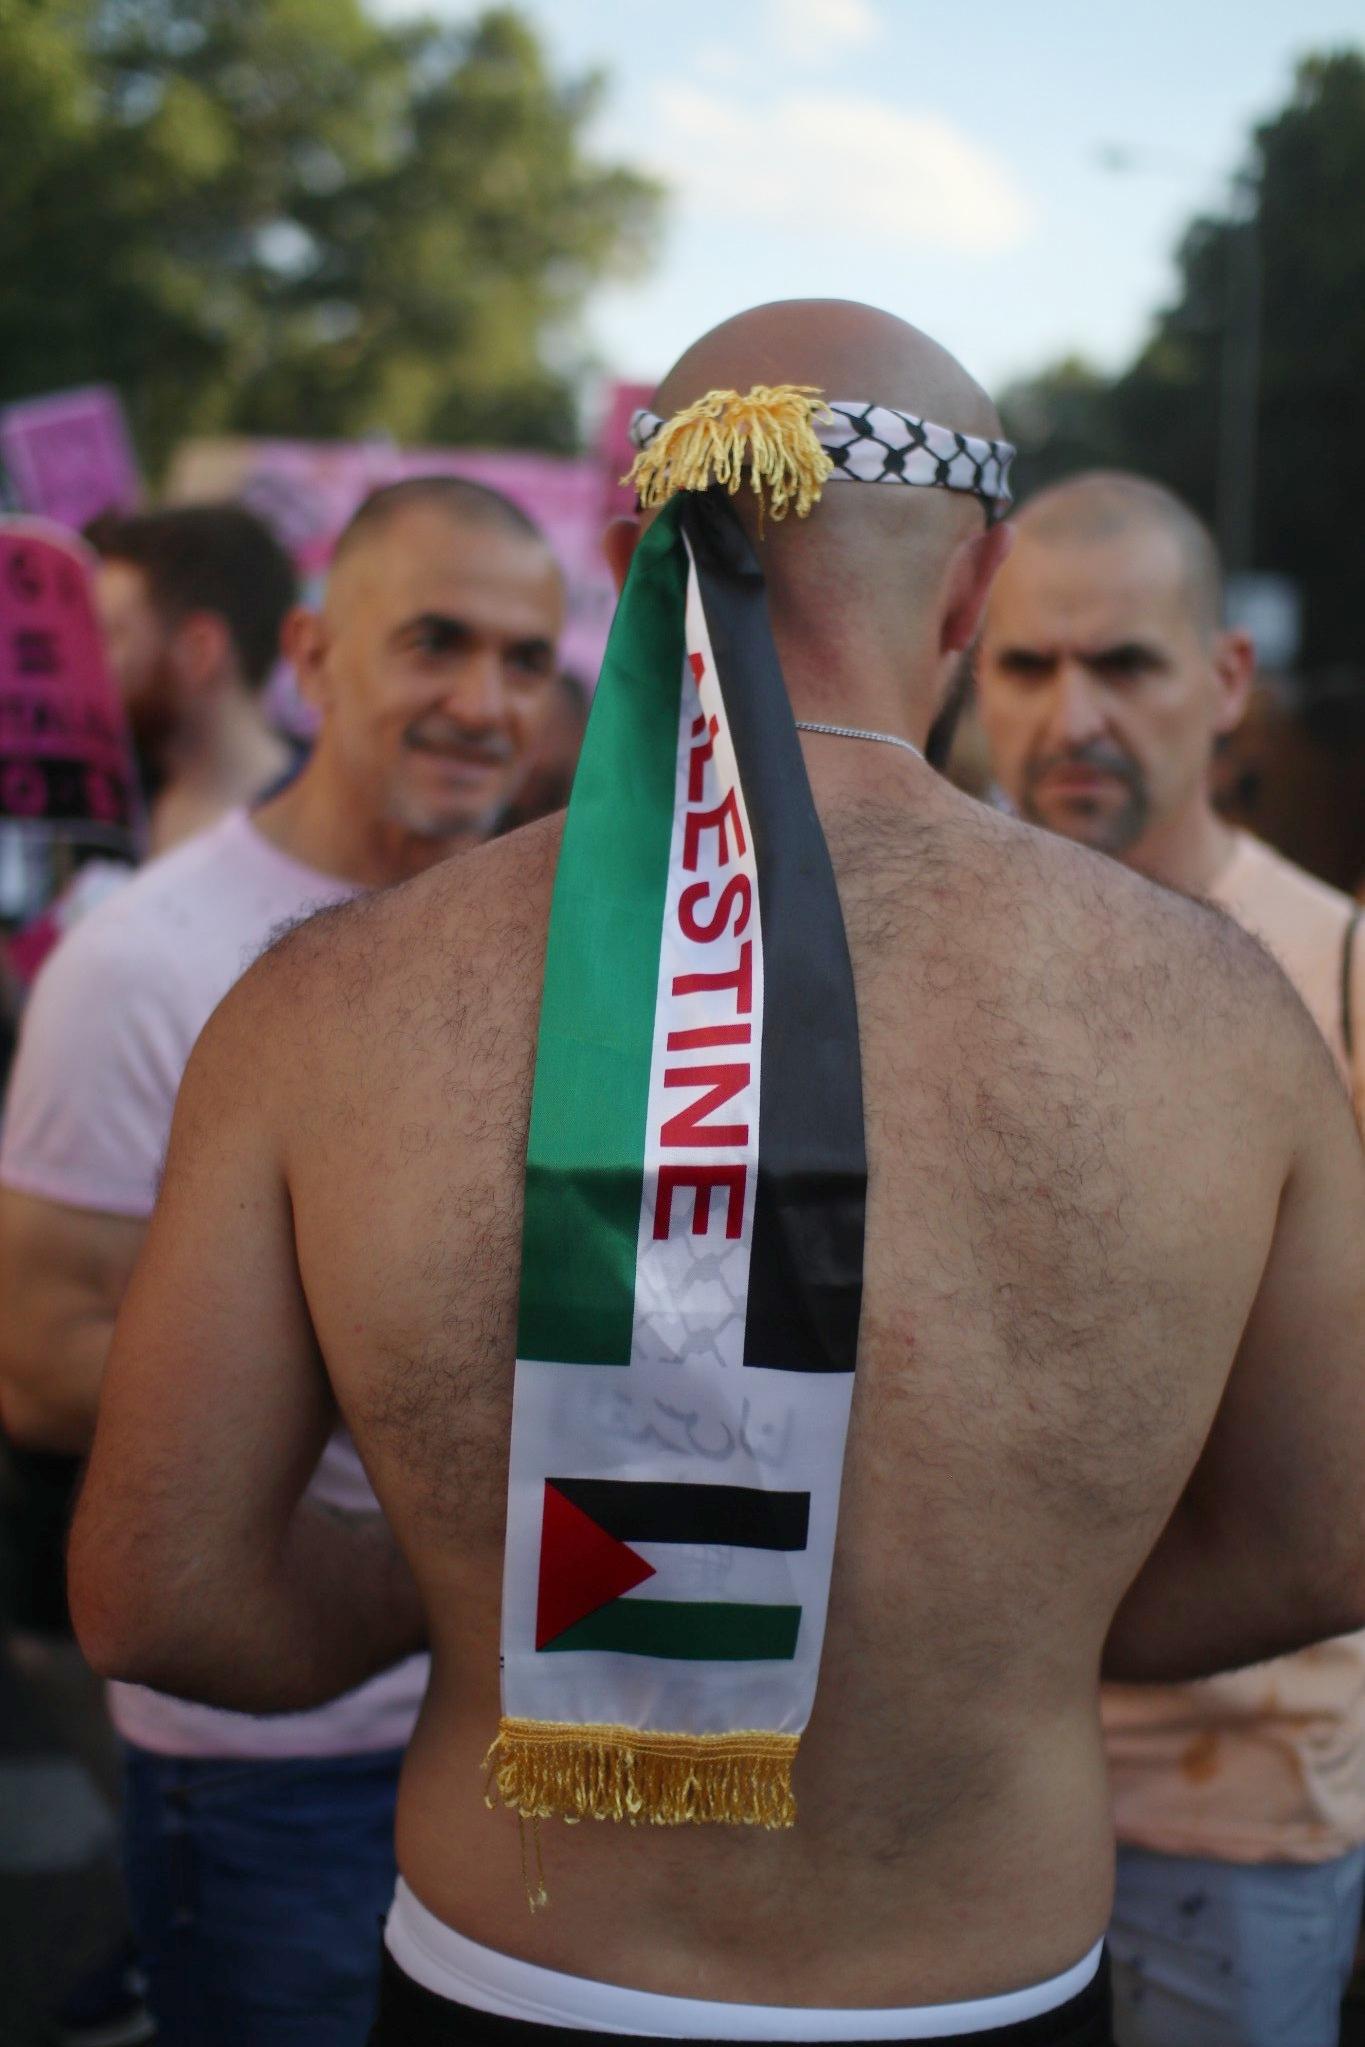 Orgullo Madrid 2018. Grupo de gays palestinos. Foto: María Torres-Solanot.